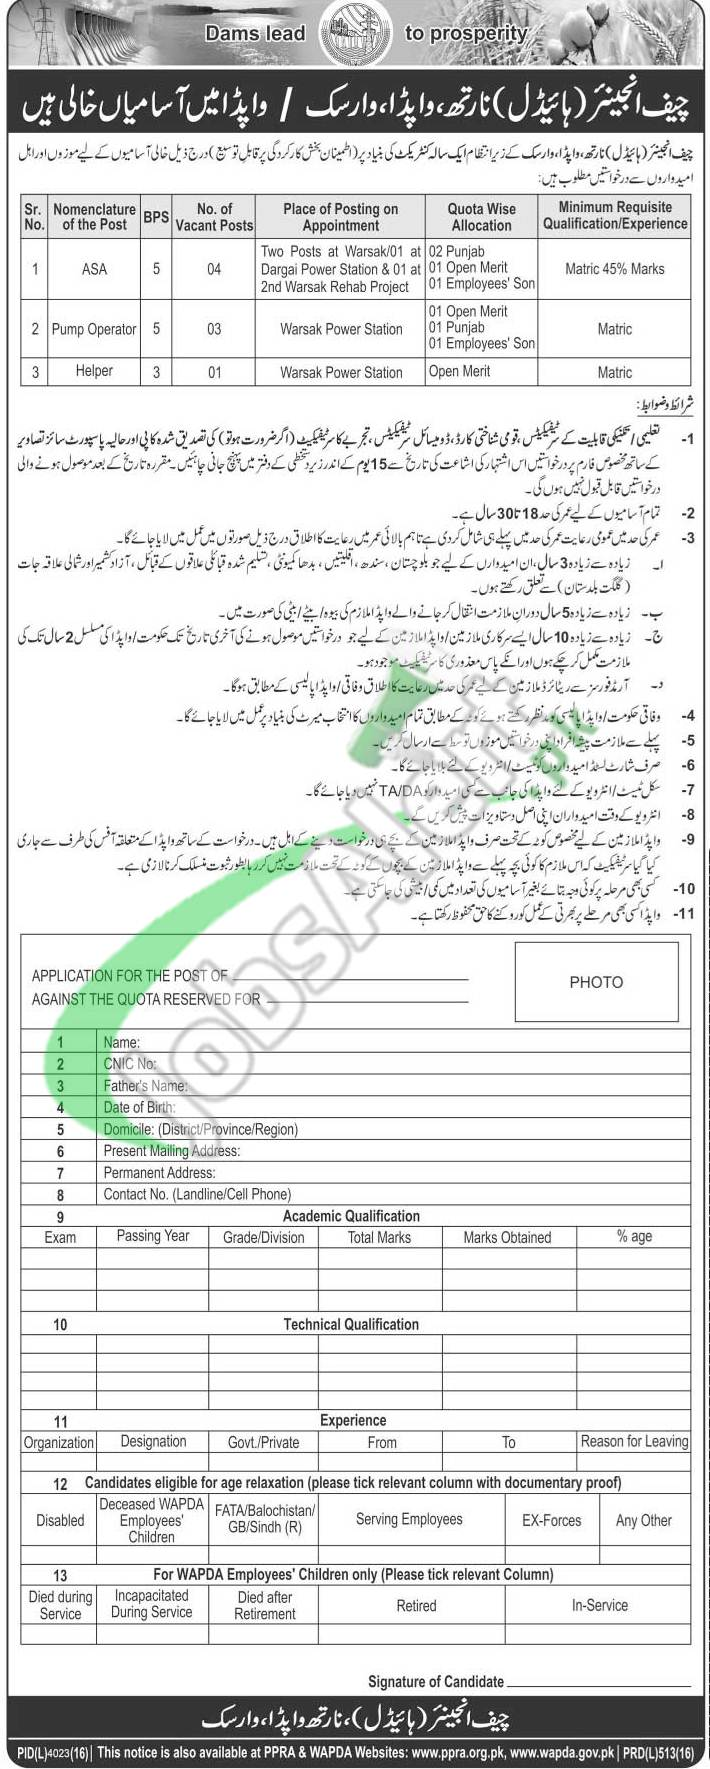 wapda jobs 2016 application form for asa pump operator wapda jobs 2016 application form for asa pump operator helper